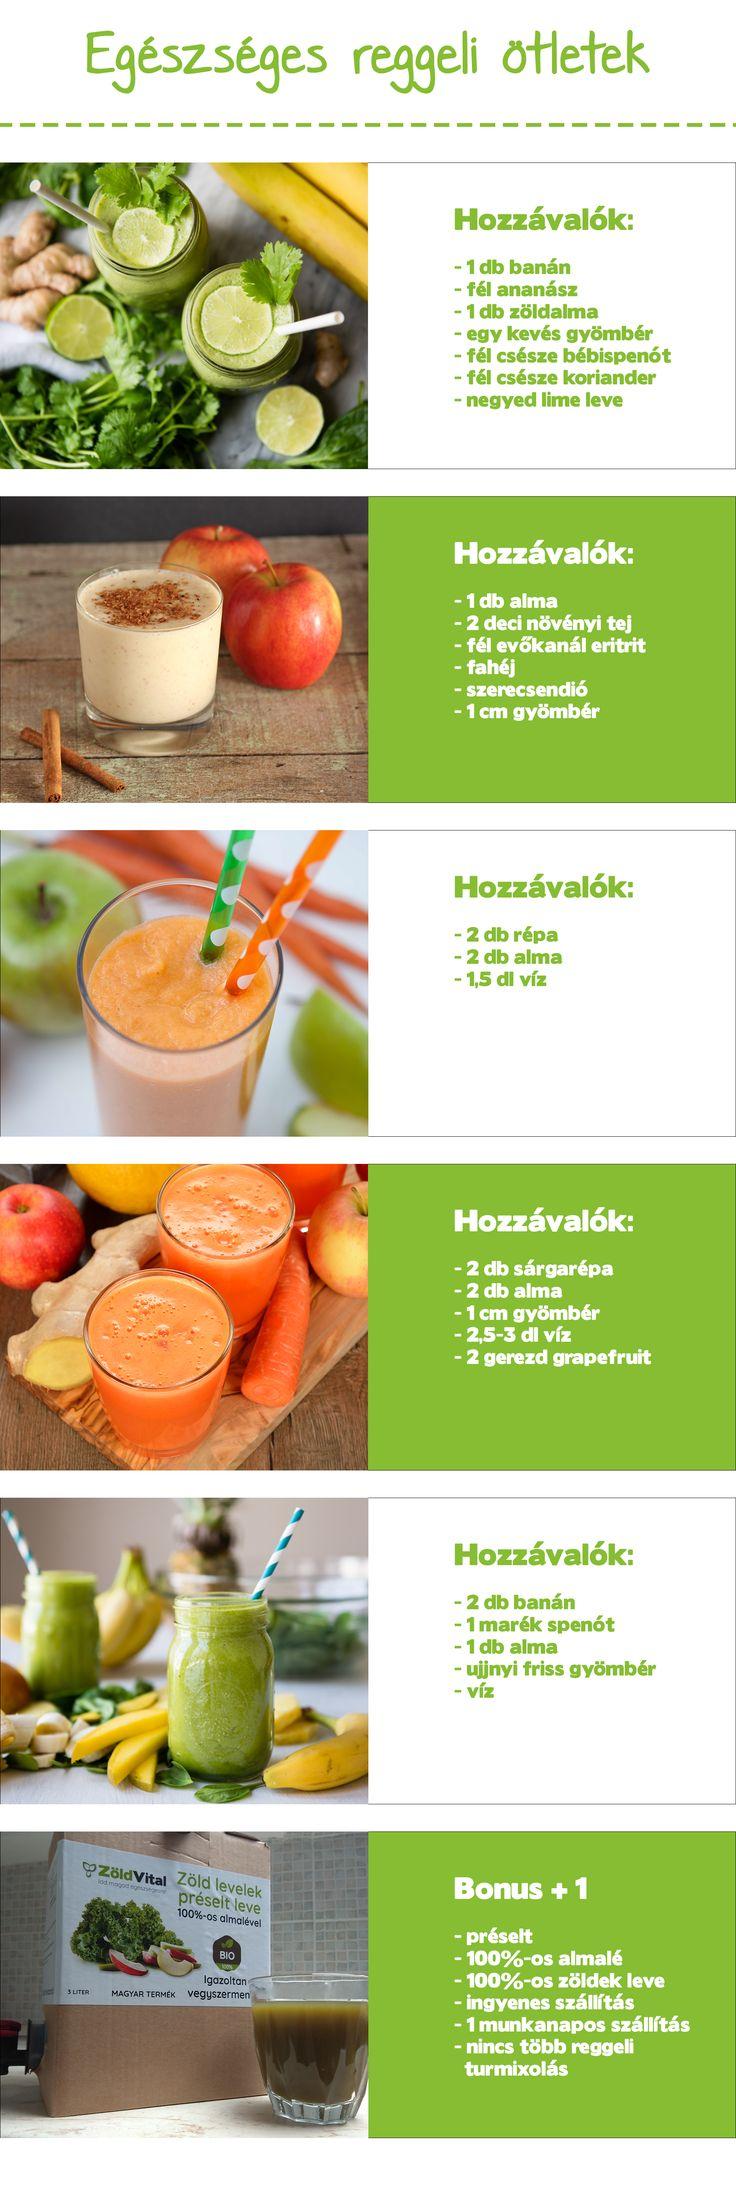 Egészséges reggeli ötletek. Zöldturmix, turmix receptek reggelire. Bónuszként ismerd meg a Zöld italt is amelyről bővebb információt itt találhatsz:https://www.zoldvital.hu/italok-italporok-107/smoothie-zoldturmix-zoldital #zöldital #smoothies #turmix #recept